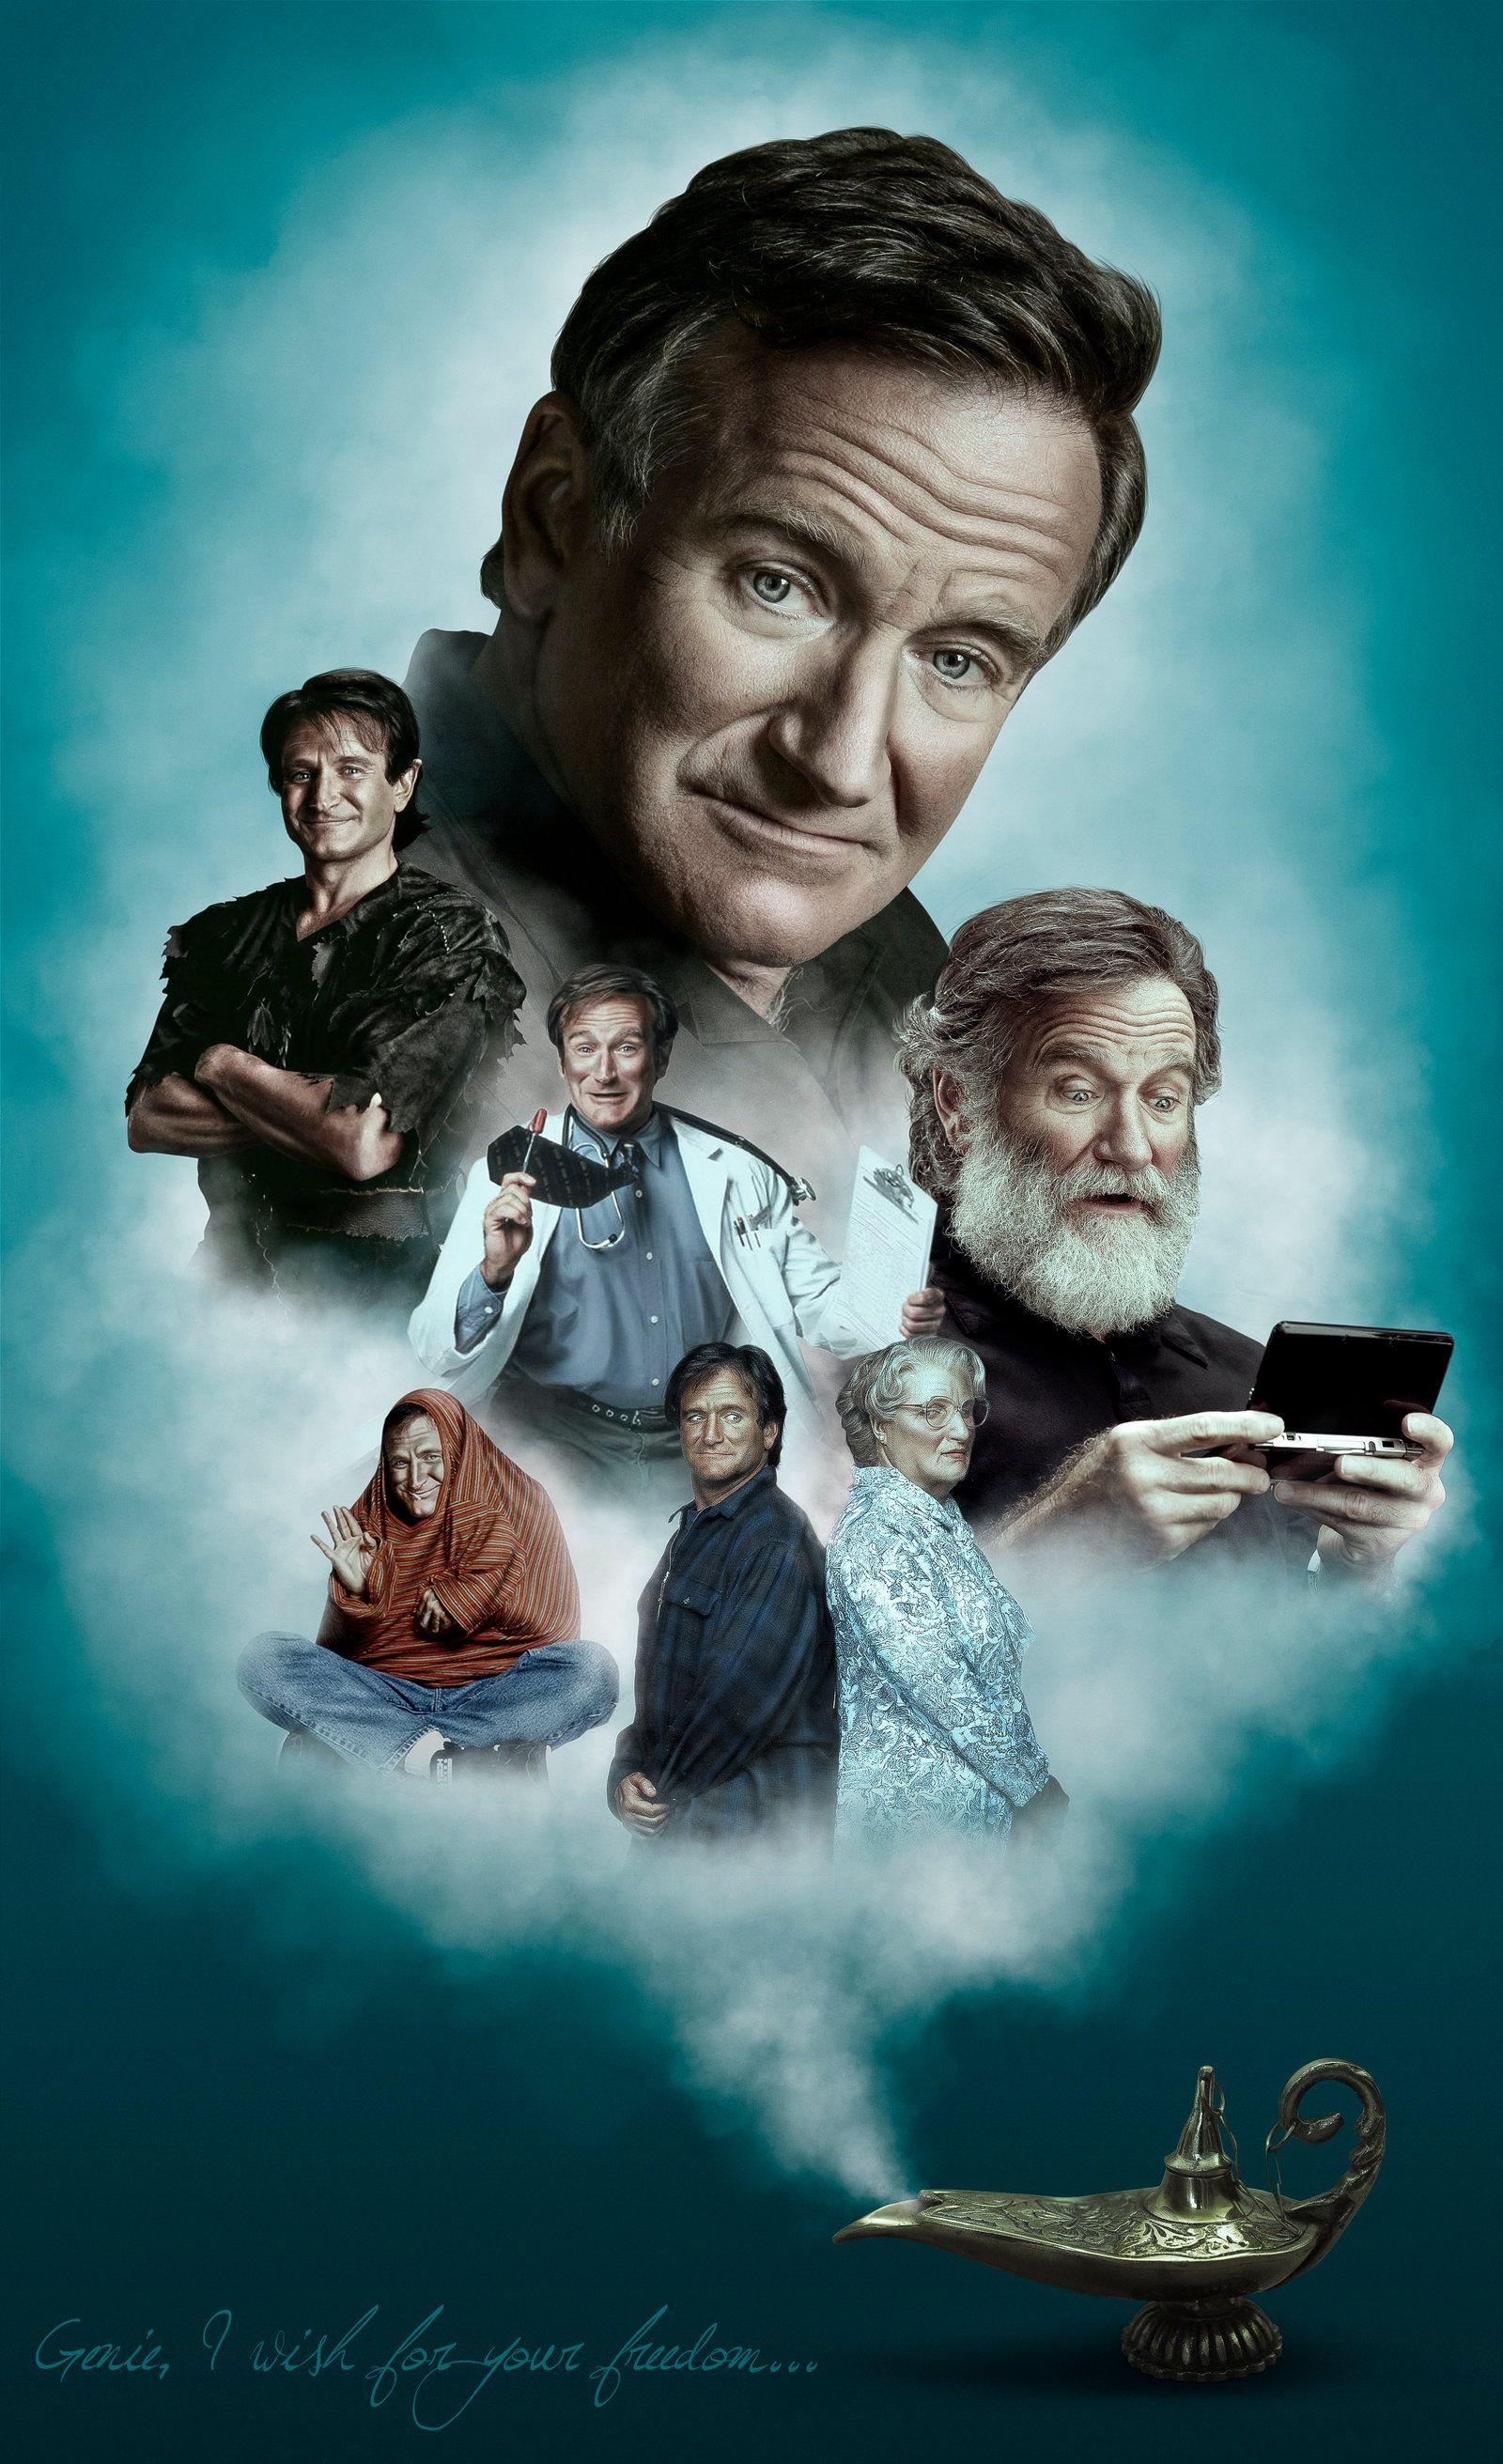 Robin Williams Tribute   Robin williams art, Robin williams, Robin ...